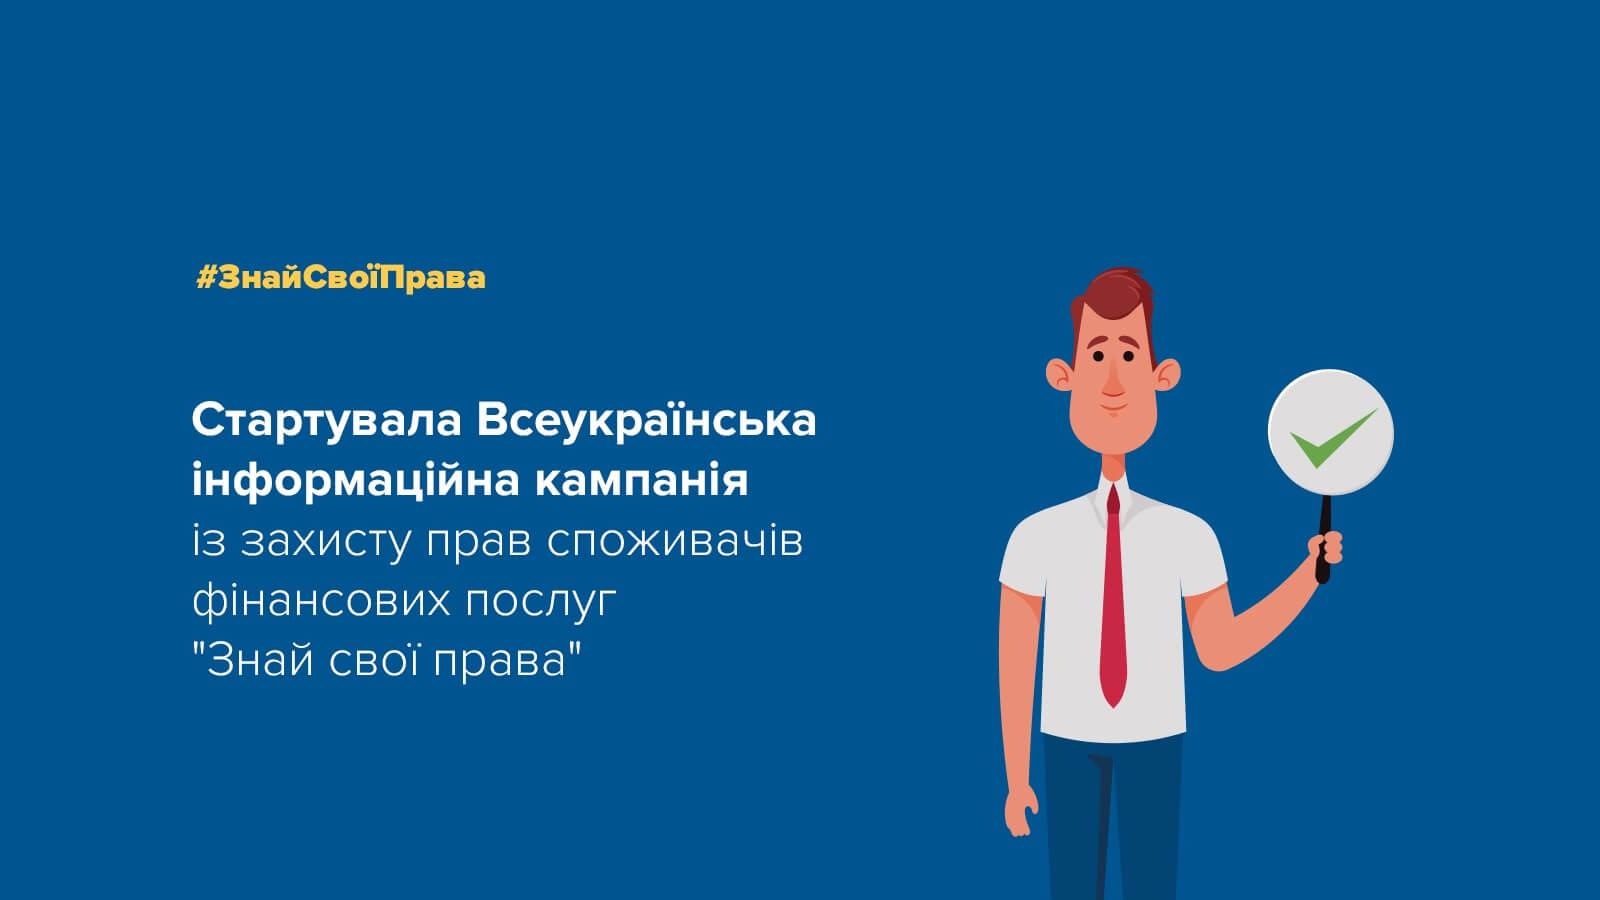 МТБ БАНК - партнер кампанії із захисту прав споживачів фінпослуг - photo - mtb.ua